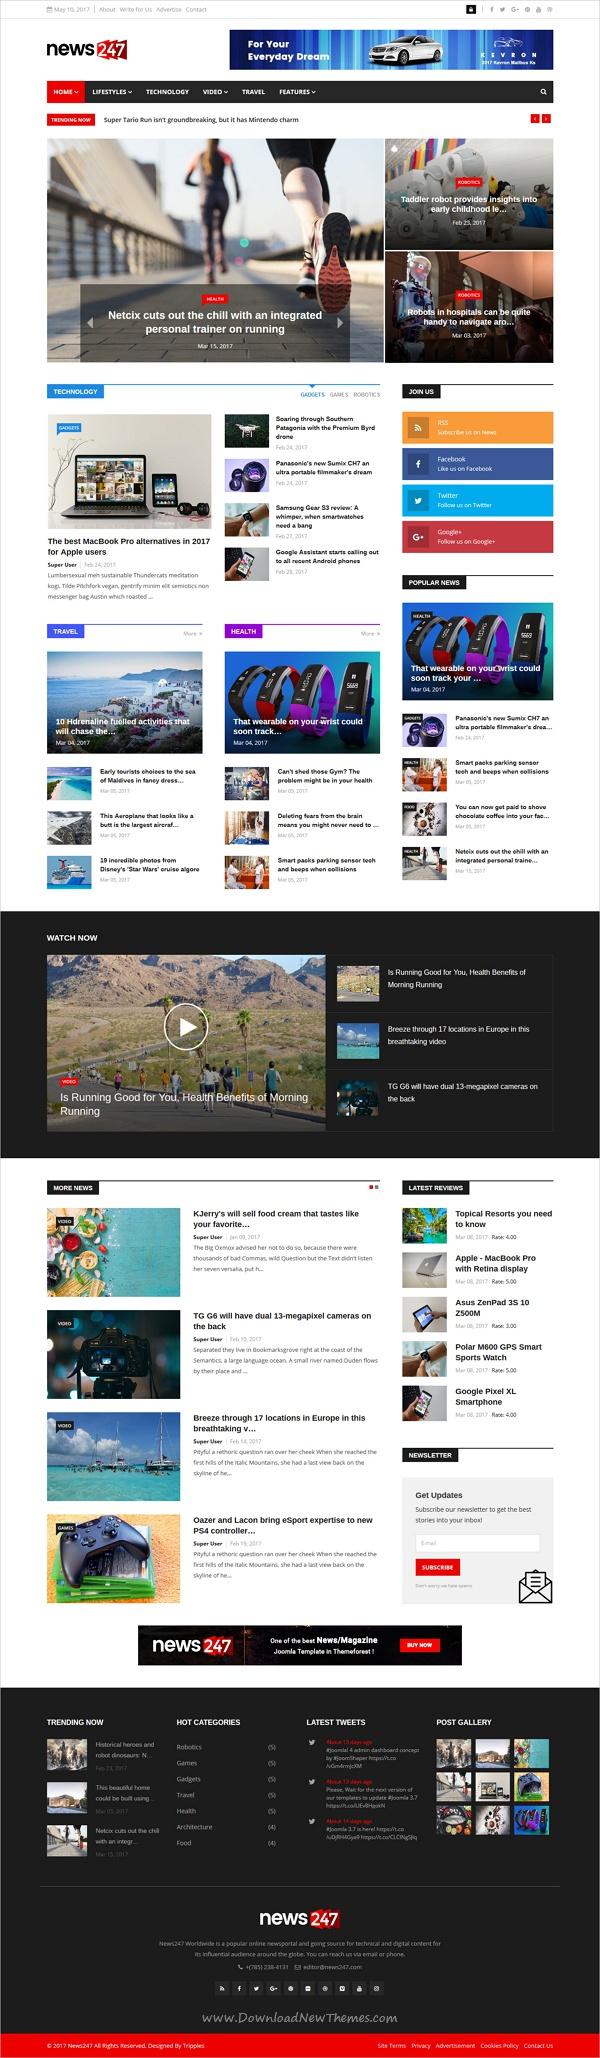 News247 Joomla Responsive News Magazine Newspaper Newspaper